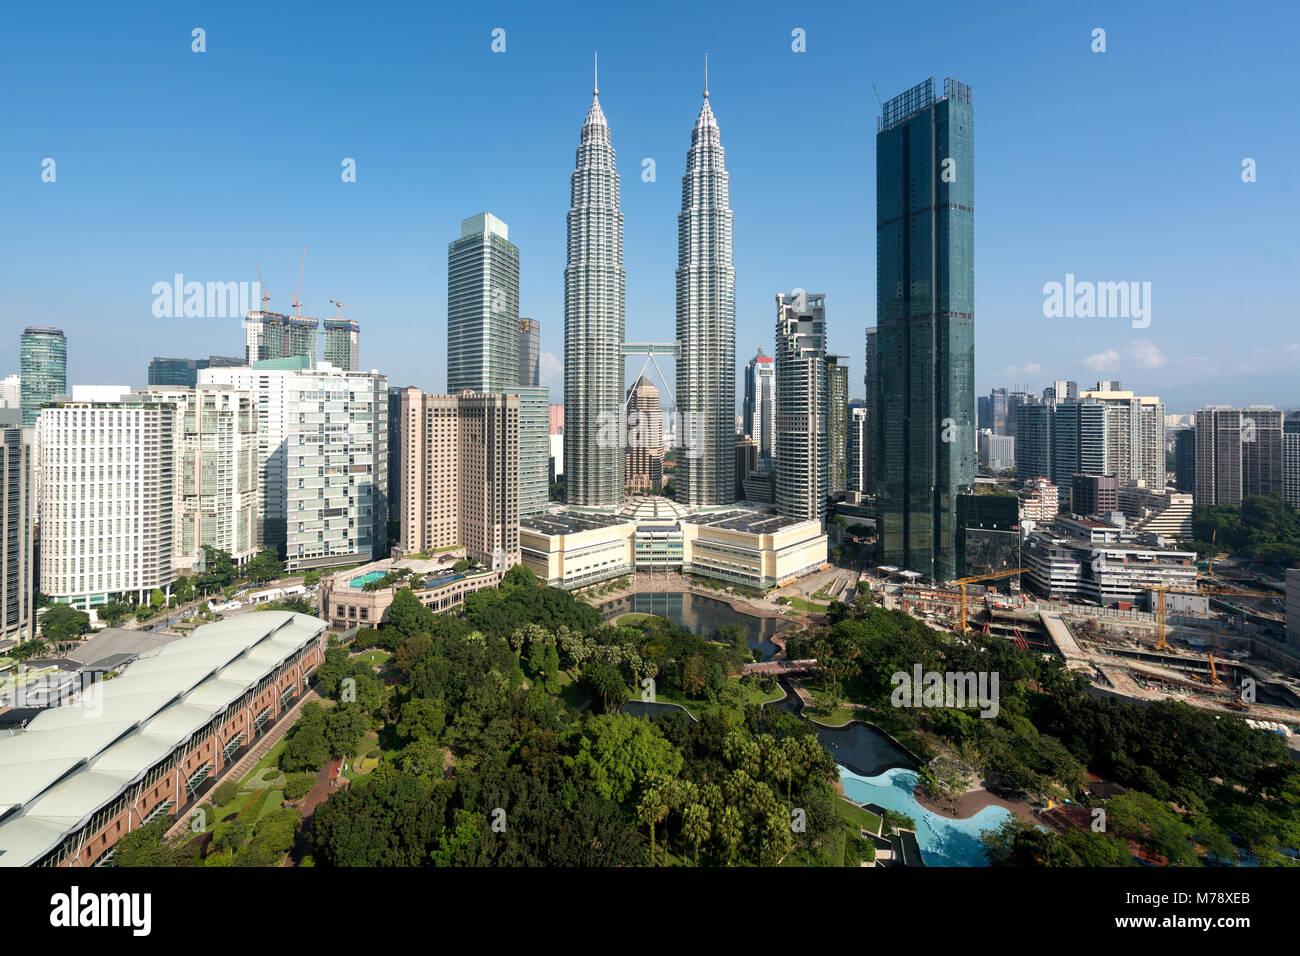 Le centre-ville de Kuala Lumpur et gratte-ciel bâtiment au quartier des affaires du centre-ville de Kuala Lumpur, Photo Stock